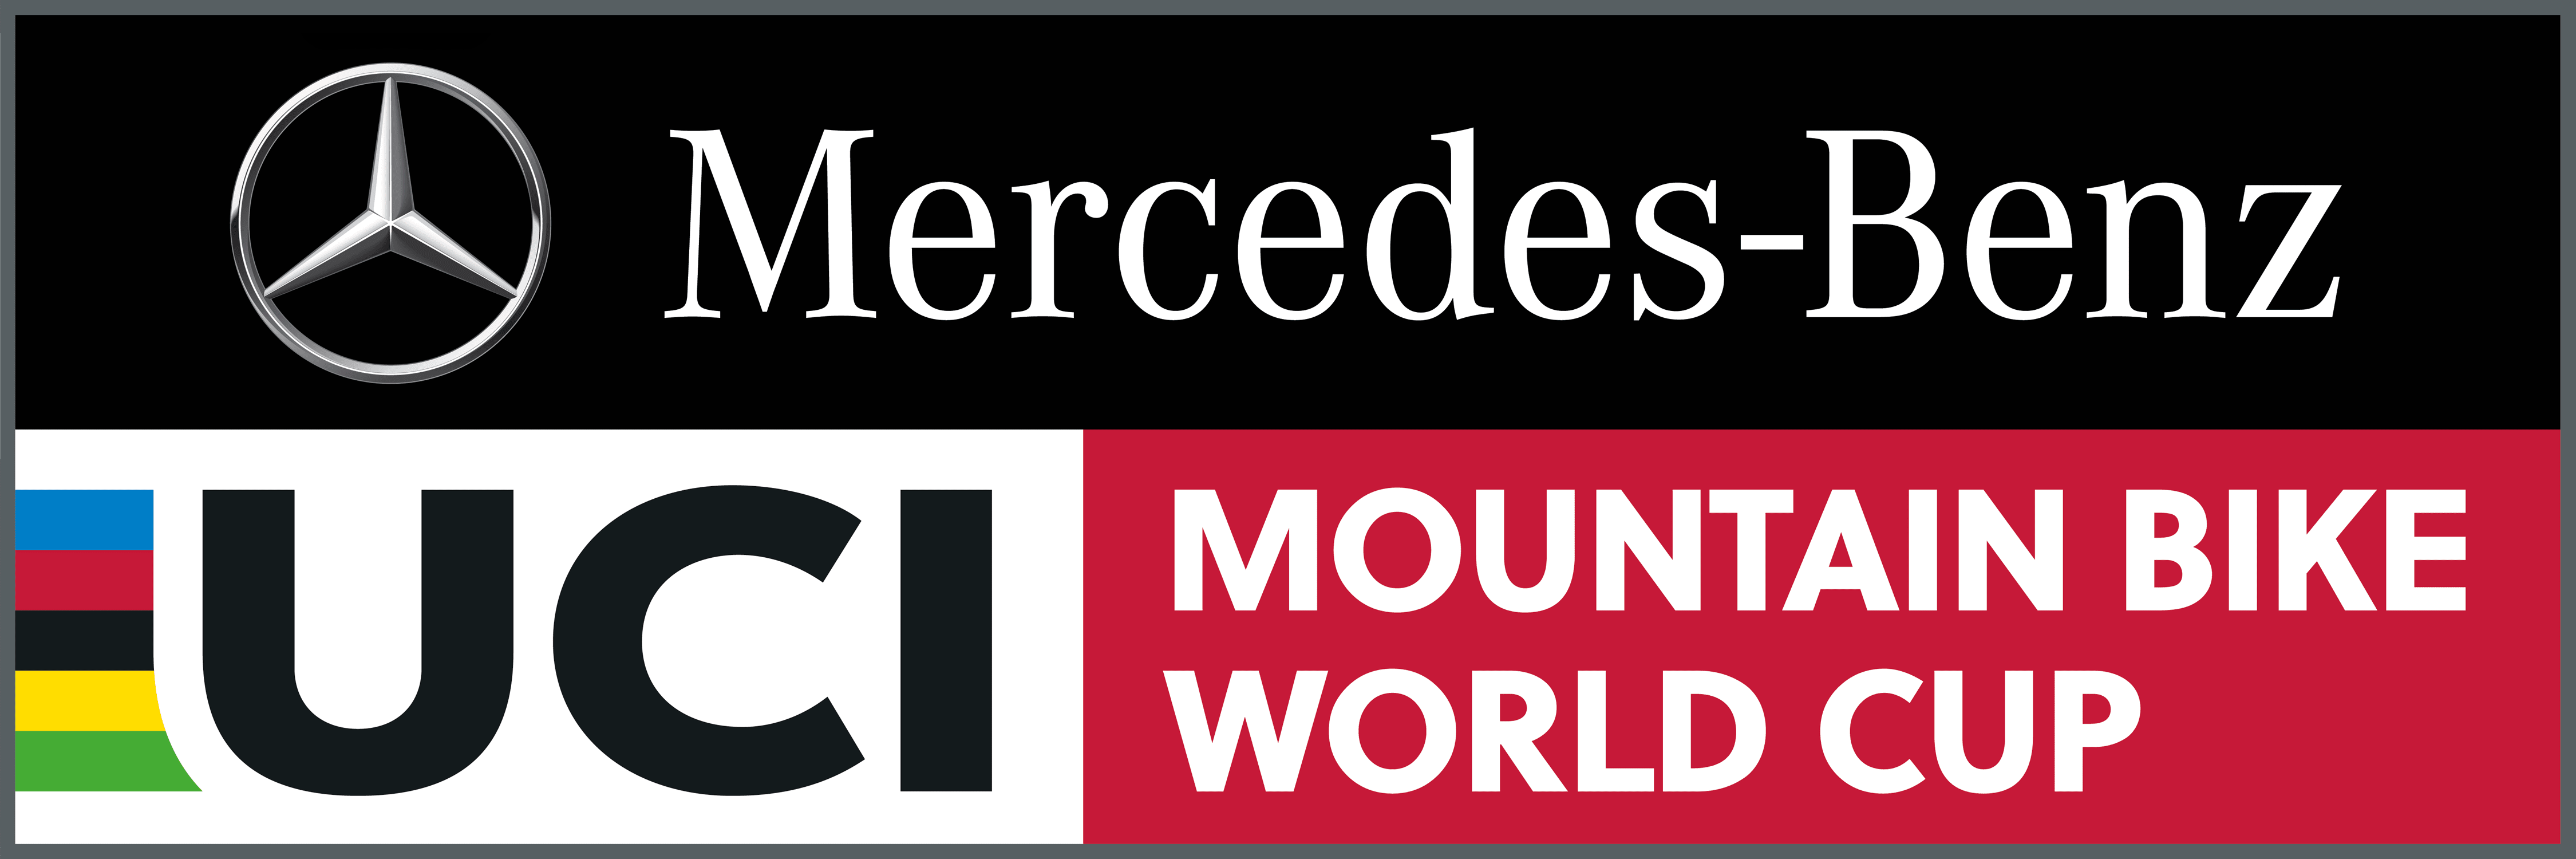 Copa do Mundo de MTB 2021 - logo